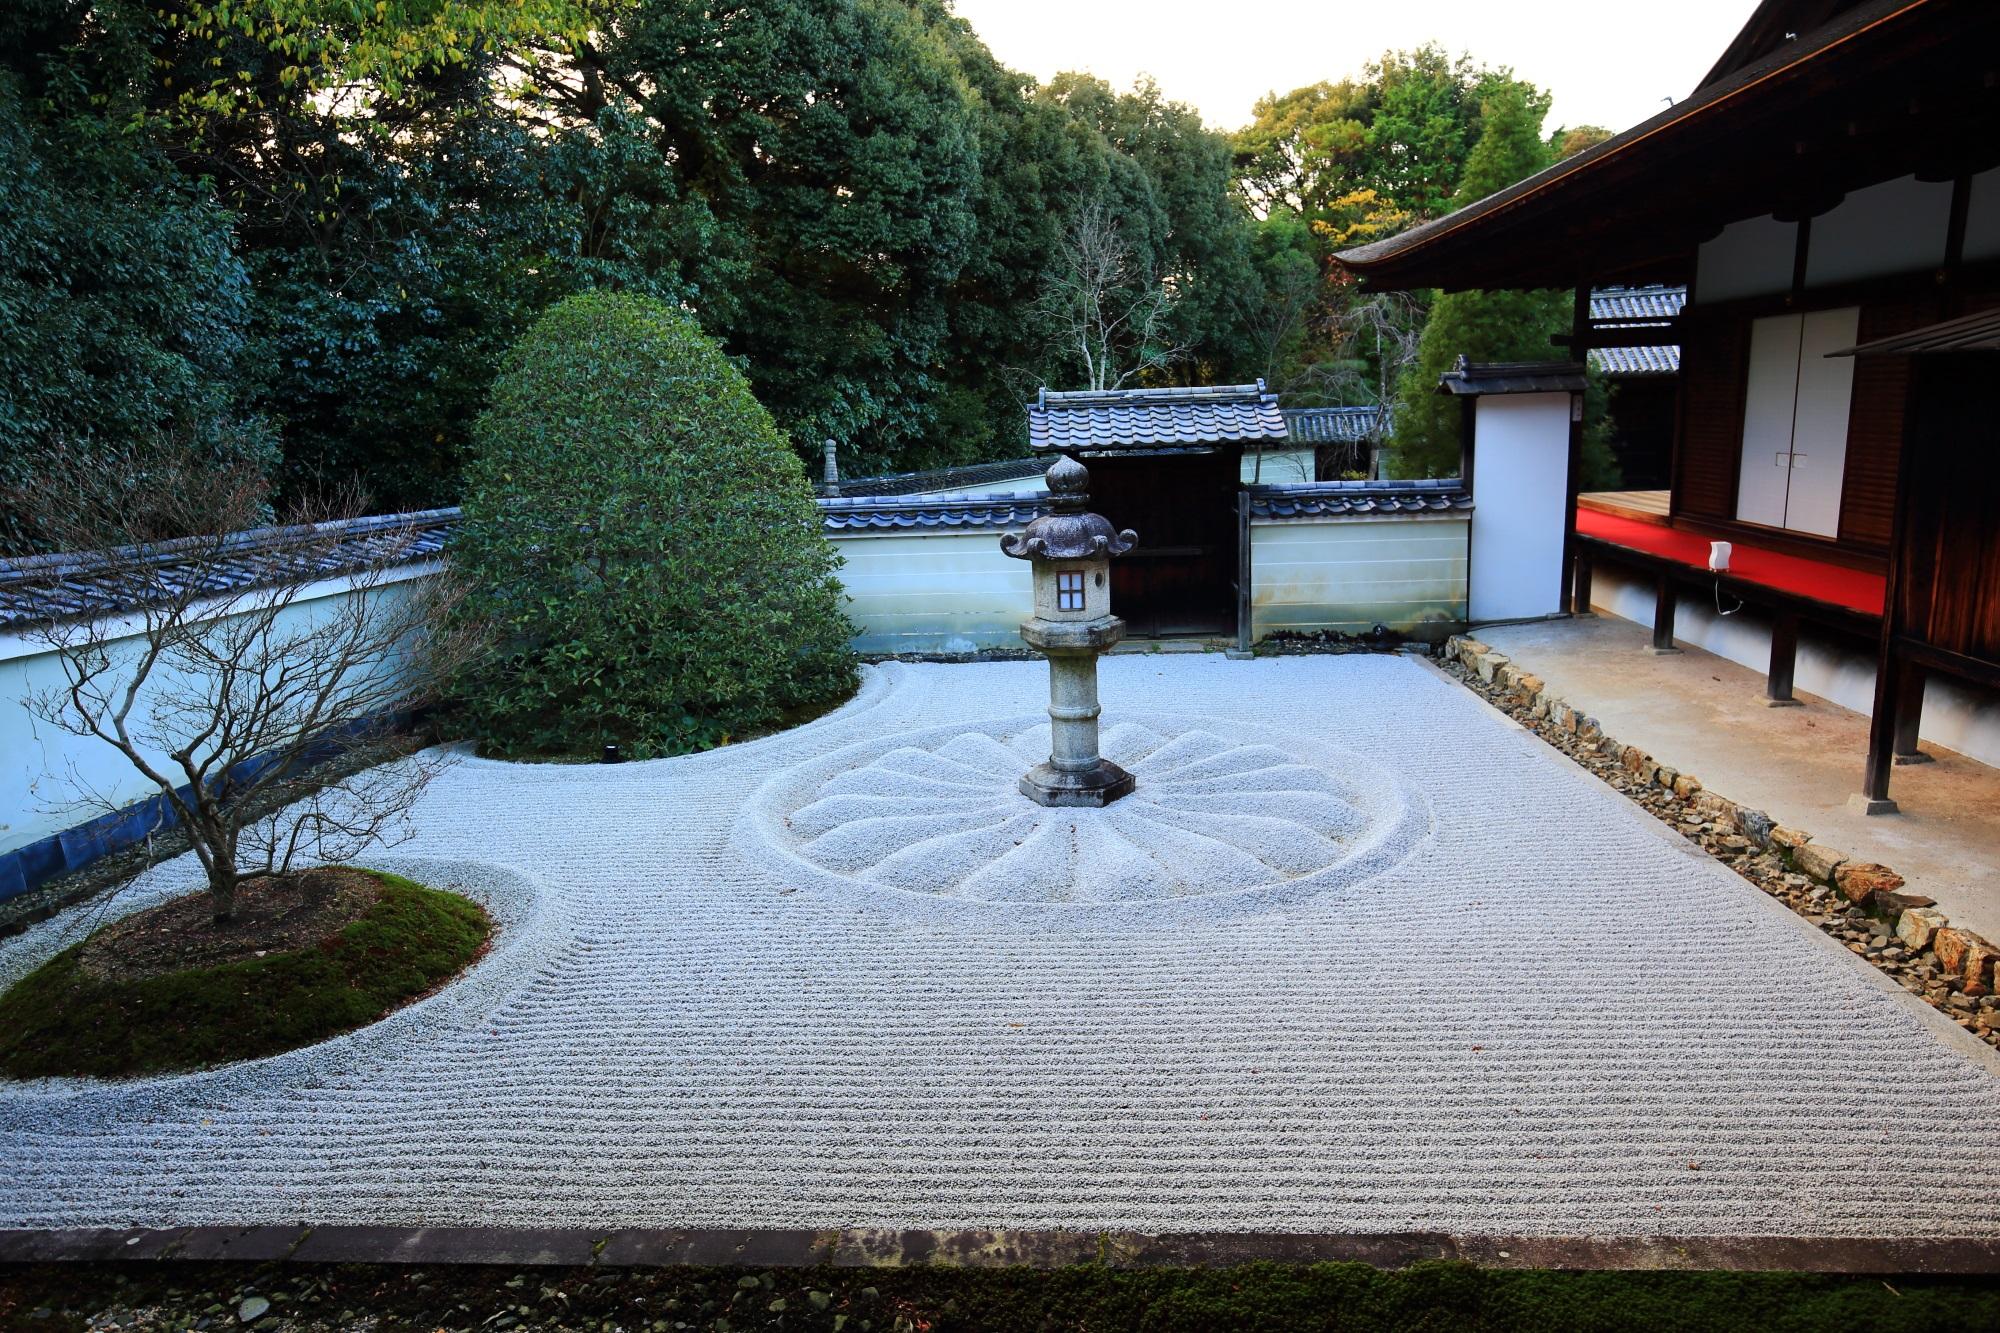 泉涌寺別院の雲龍院の霊明殿